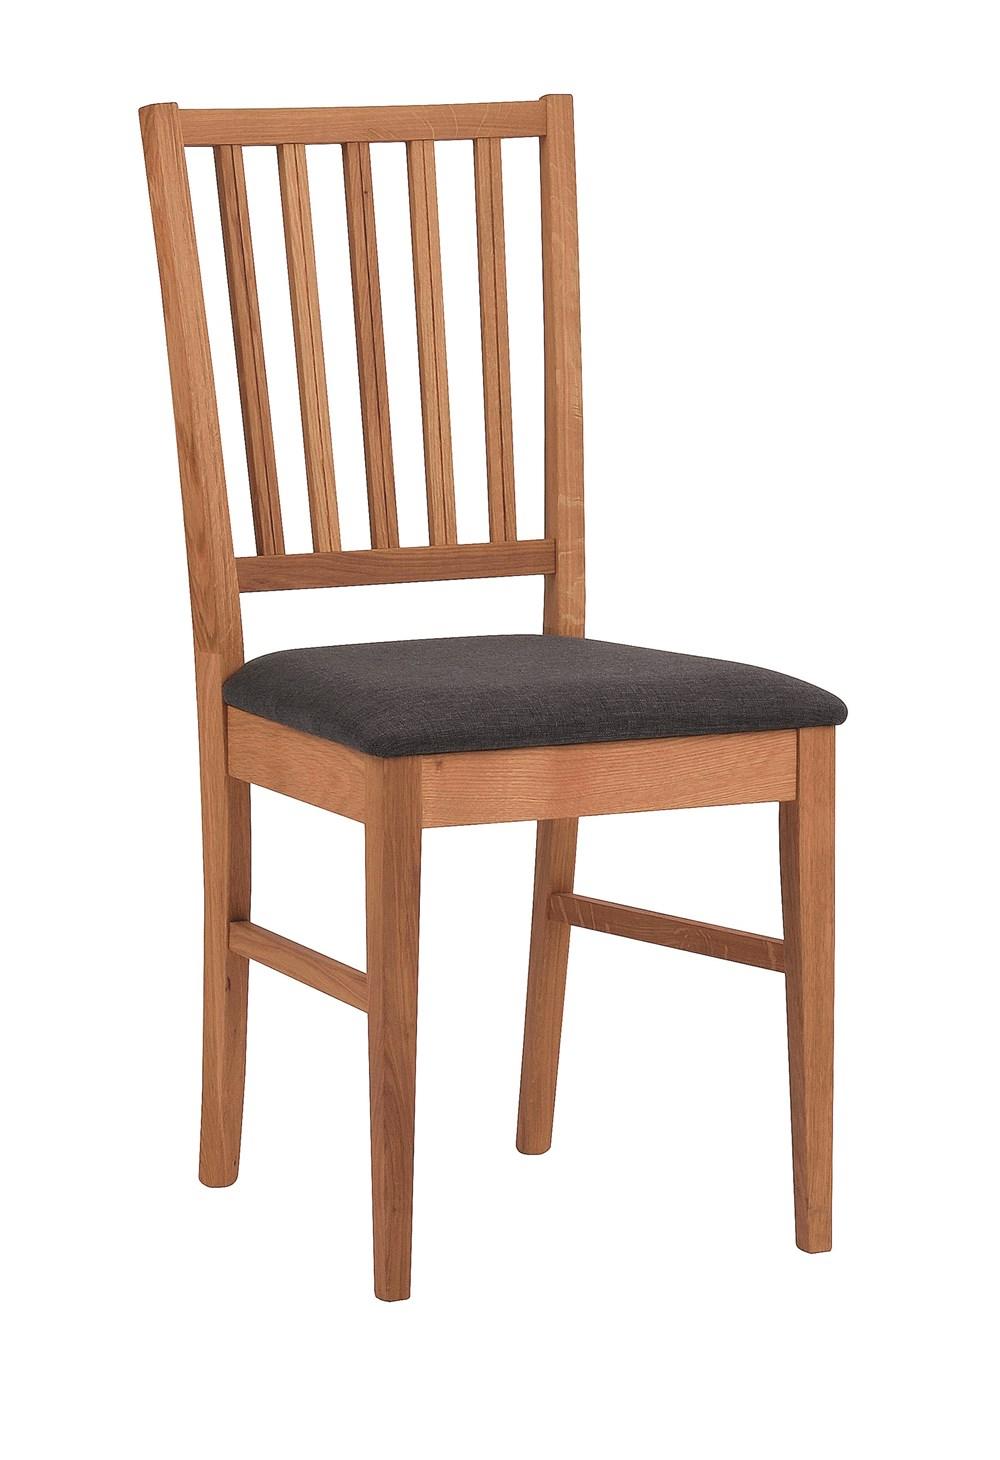 Filippa tuoli öljytty tammi/harmaa kangas, Rowico